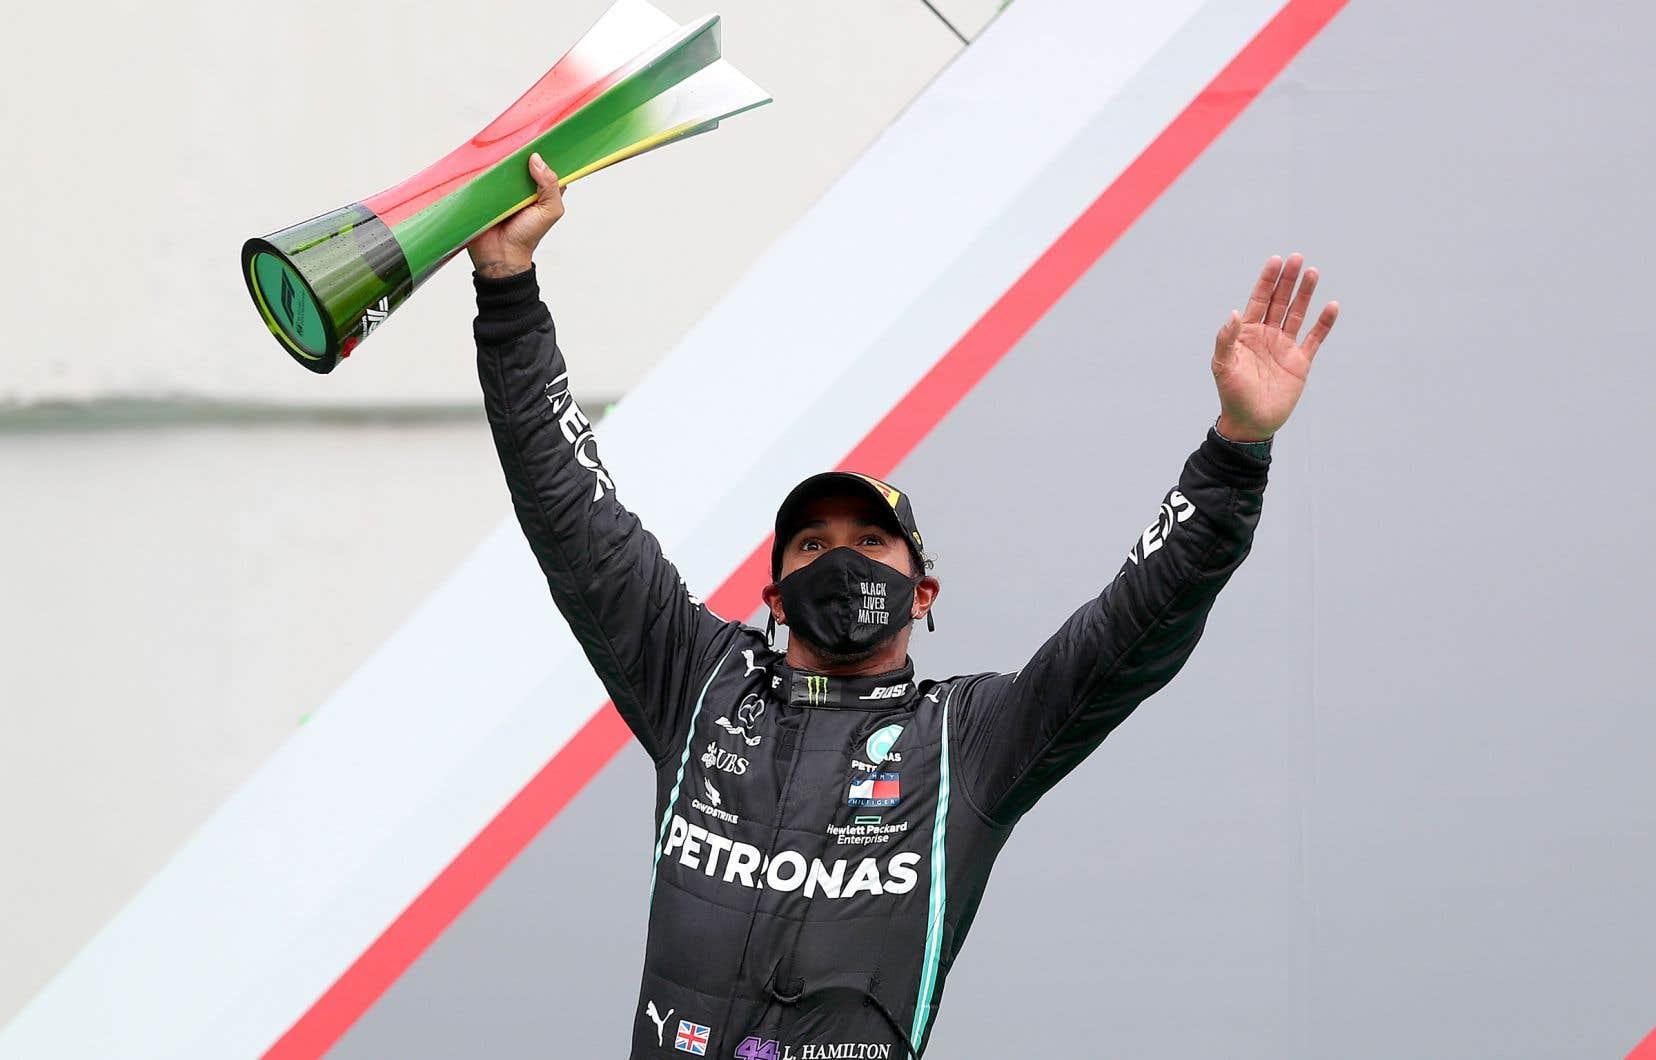 Avec sa victoire de dimanche, Hamilton s'est approché d'un septième championnat des pilotes, le dernier record majeur de Schumacher qu'il ne lui a pas encore ravi.